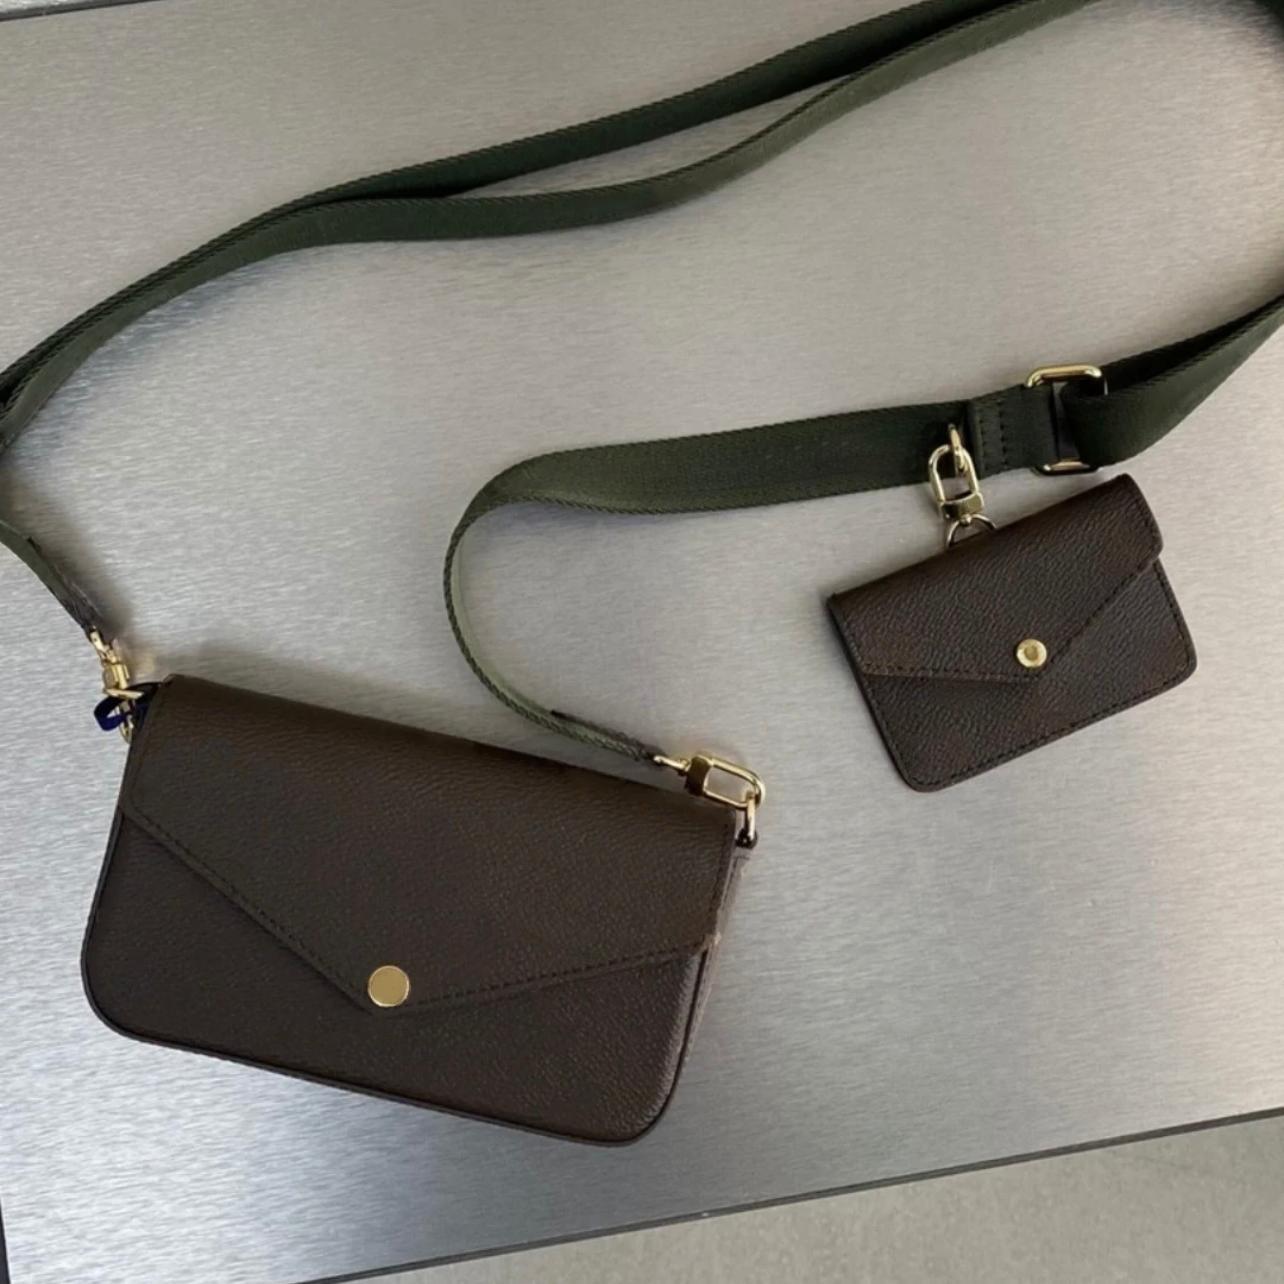 İkiz Set Omuz Çantaları Kadın Çanta Akşam Çanta Lady Moda Zincir Çanta Bayan Omuz Çantası Çanta Messenger Çanta Bayan Çanta Çantalar